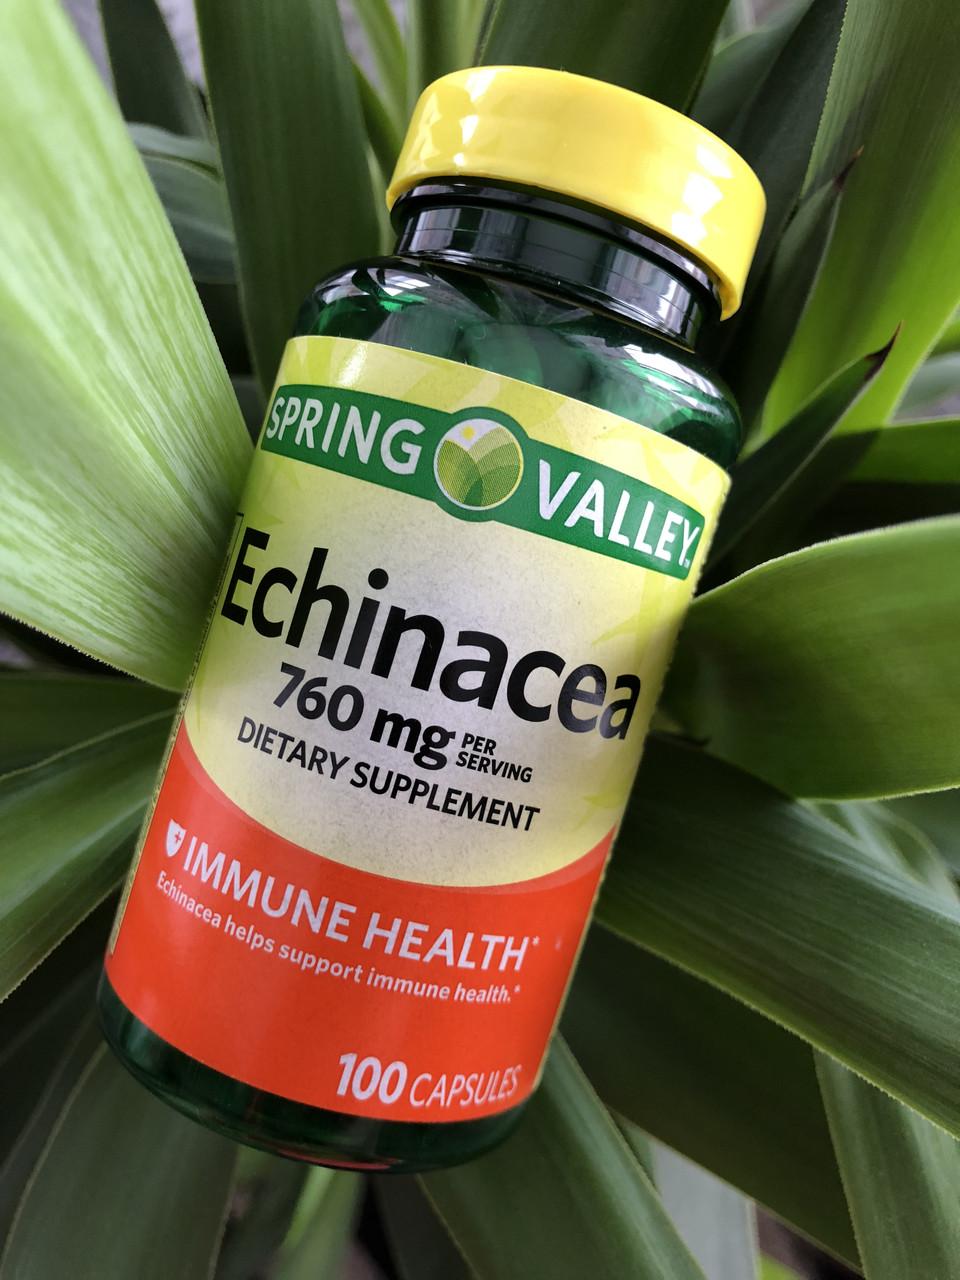 Эхинацея для имунной системы Spring Valley Echinacea, 100шт